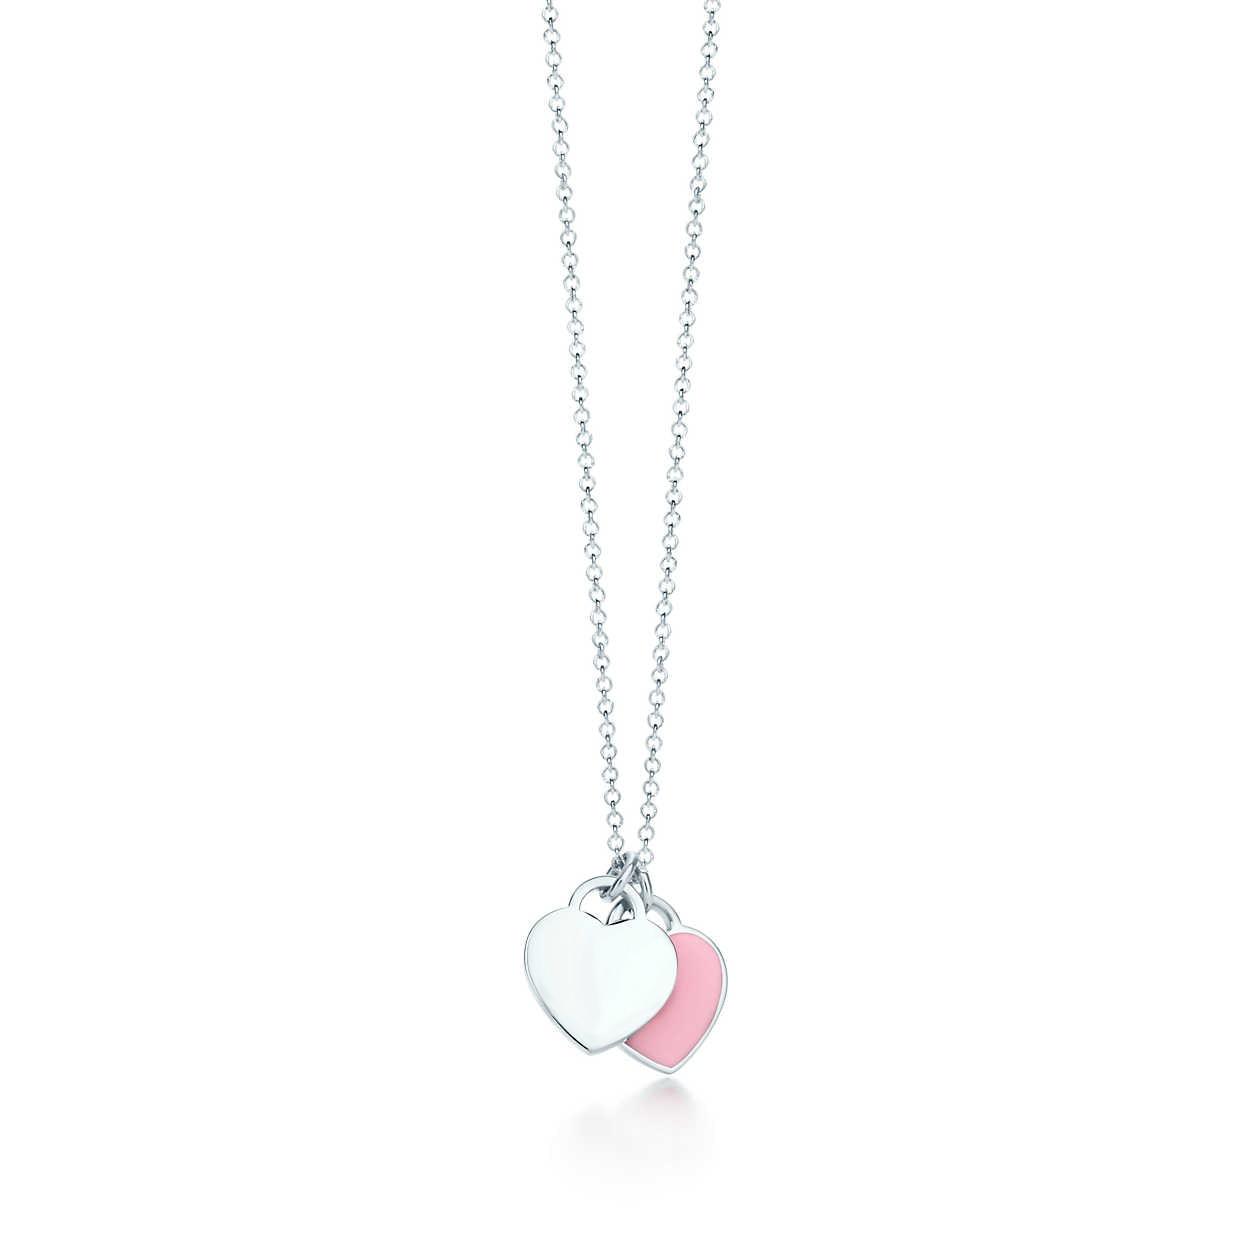 544431b9c11e UMCHO 100% joyería de plata 925 ronda creado Nano zafiro pendientes de Clip  pendientes largos aretes pendientes para las mujeres de regalo de moda  encantos ...